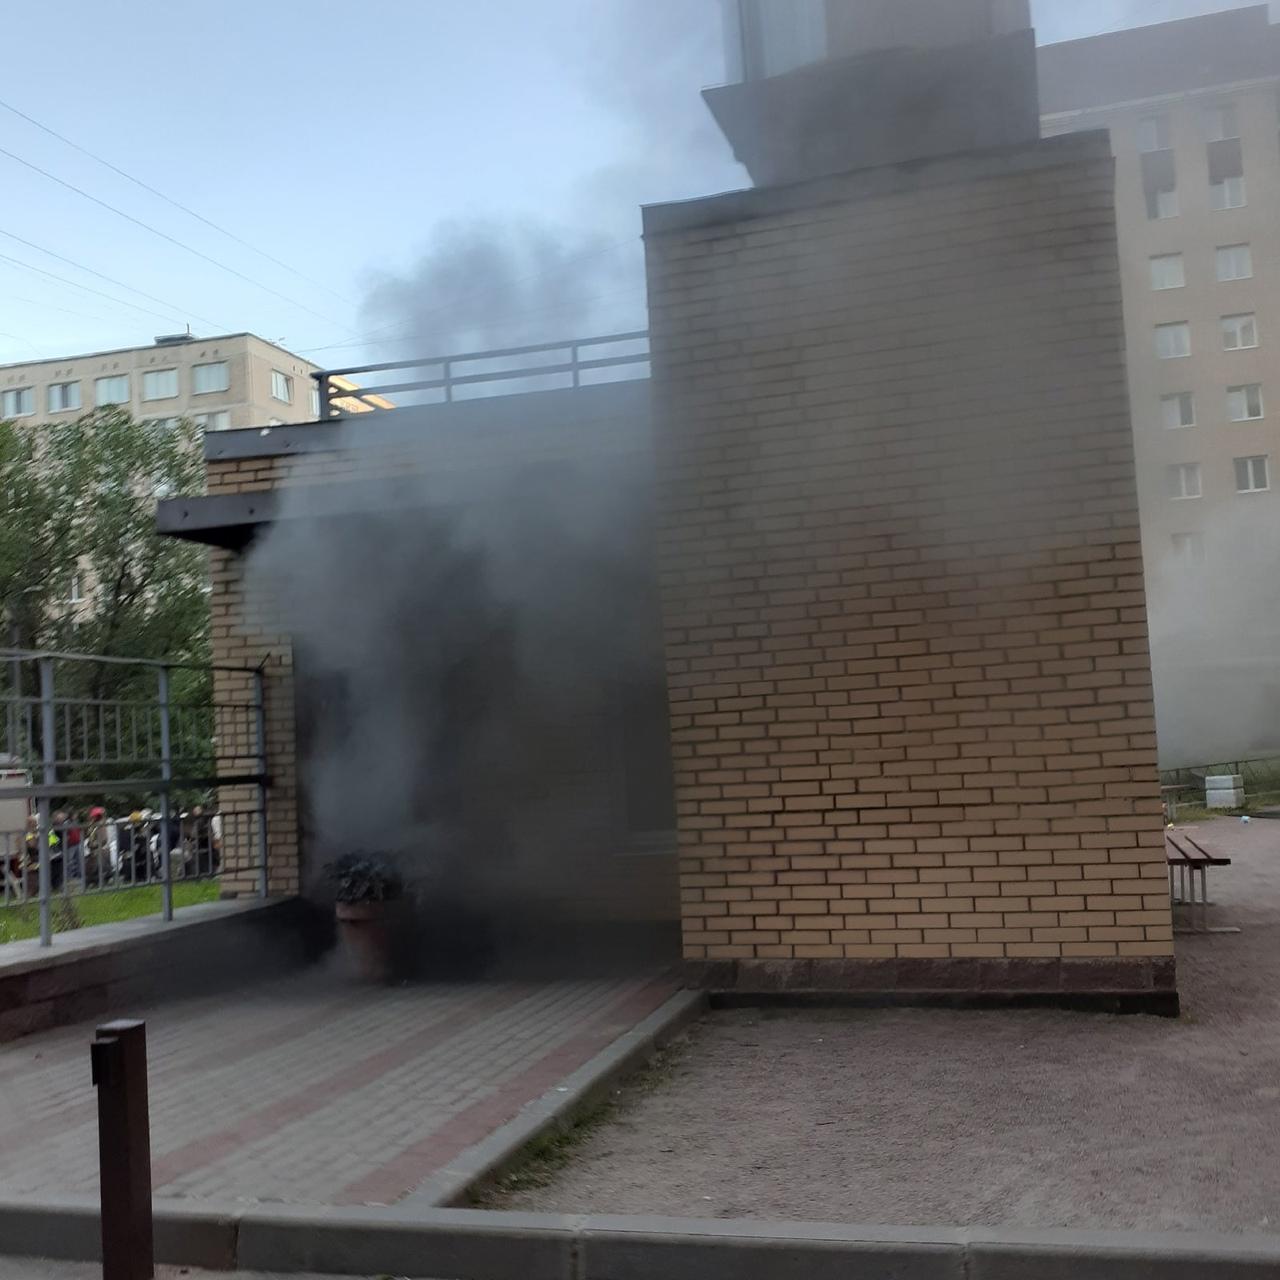 Пожар по адресу пр. Большевиков 11, корп.2. Утро 10 июня, 4.29. Горит подземный паркинг. Валит дым. ...